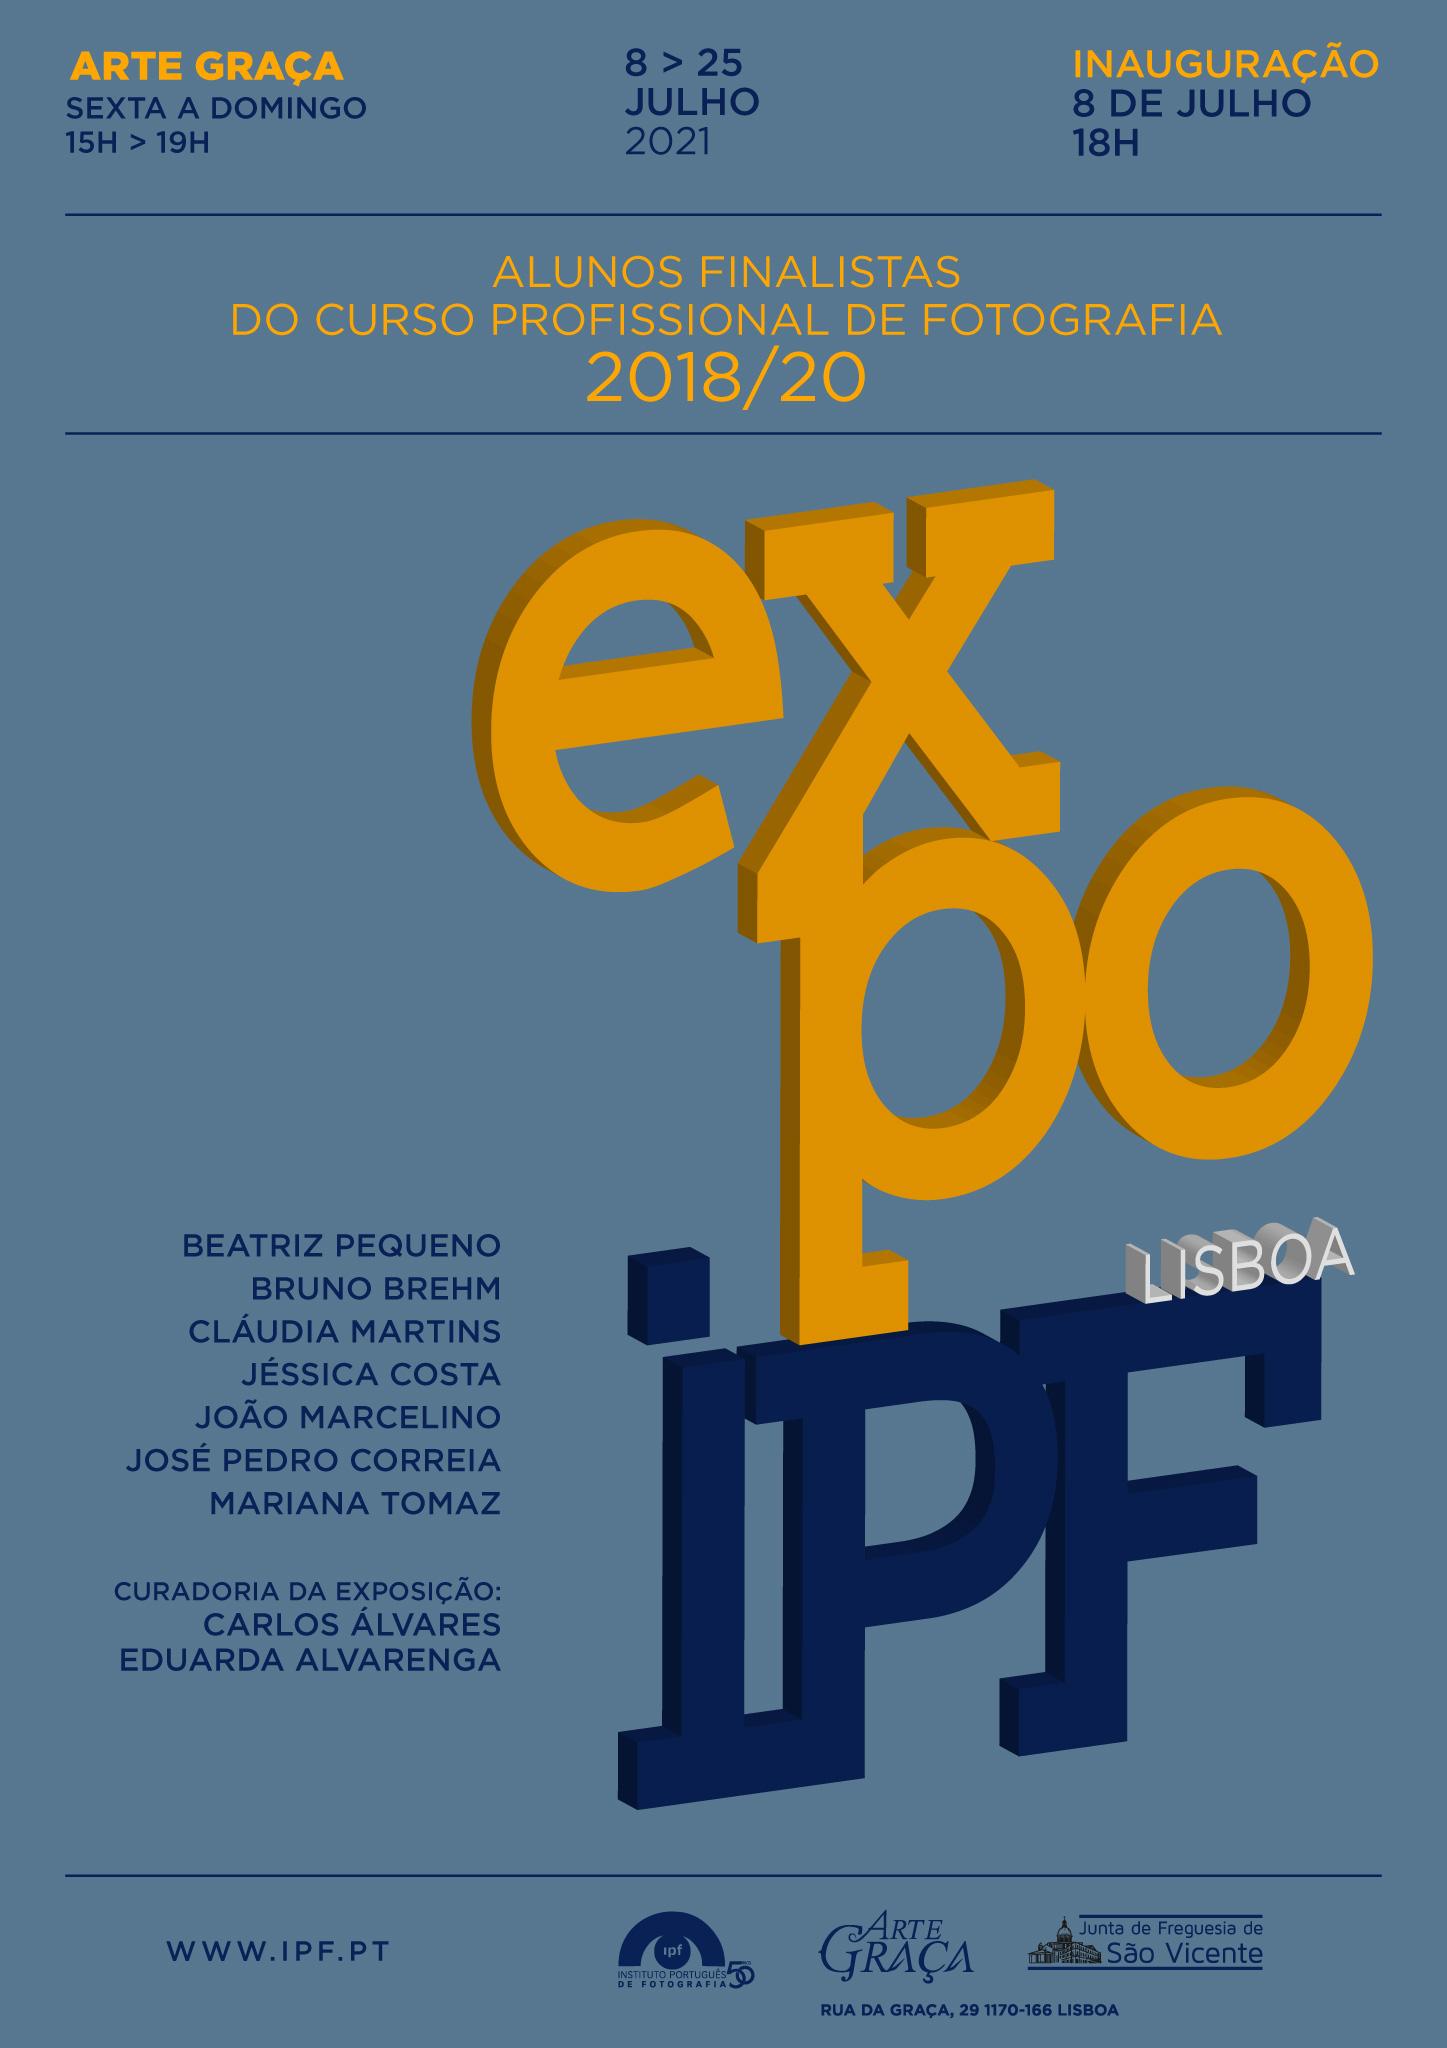 Exposição de Fotografia dos Trabalhos Finais do CPF de Lisboa 2018-2020